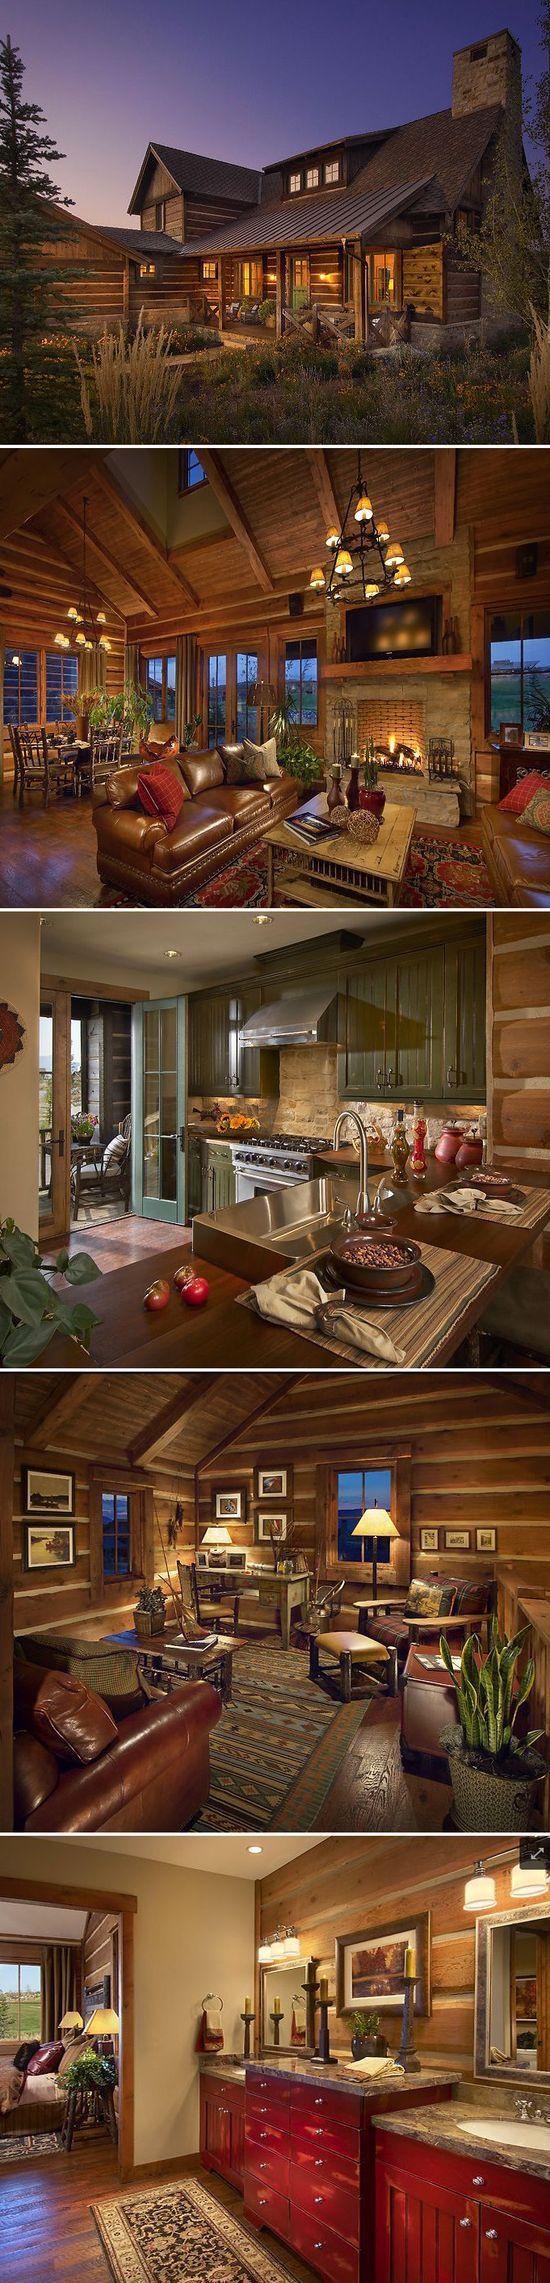 Log home interior ideas log cabin design  home ideas  pinterest  log cabin designs log